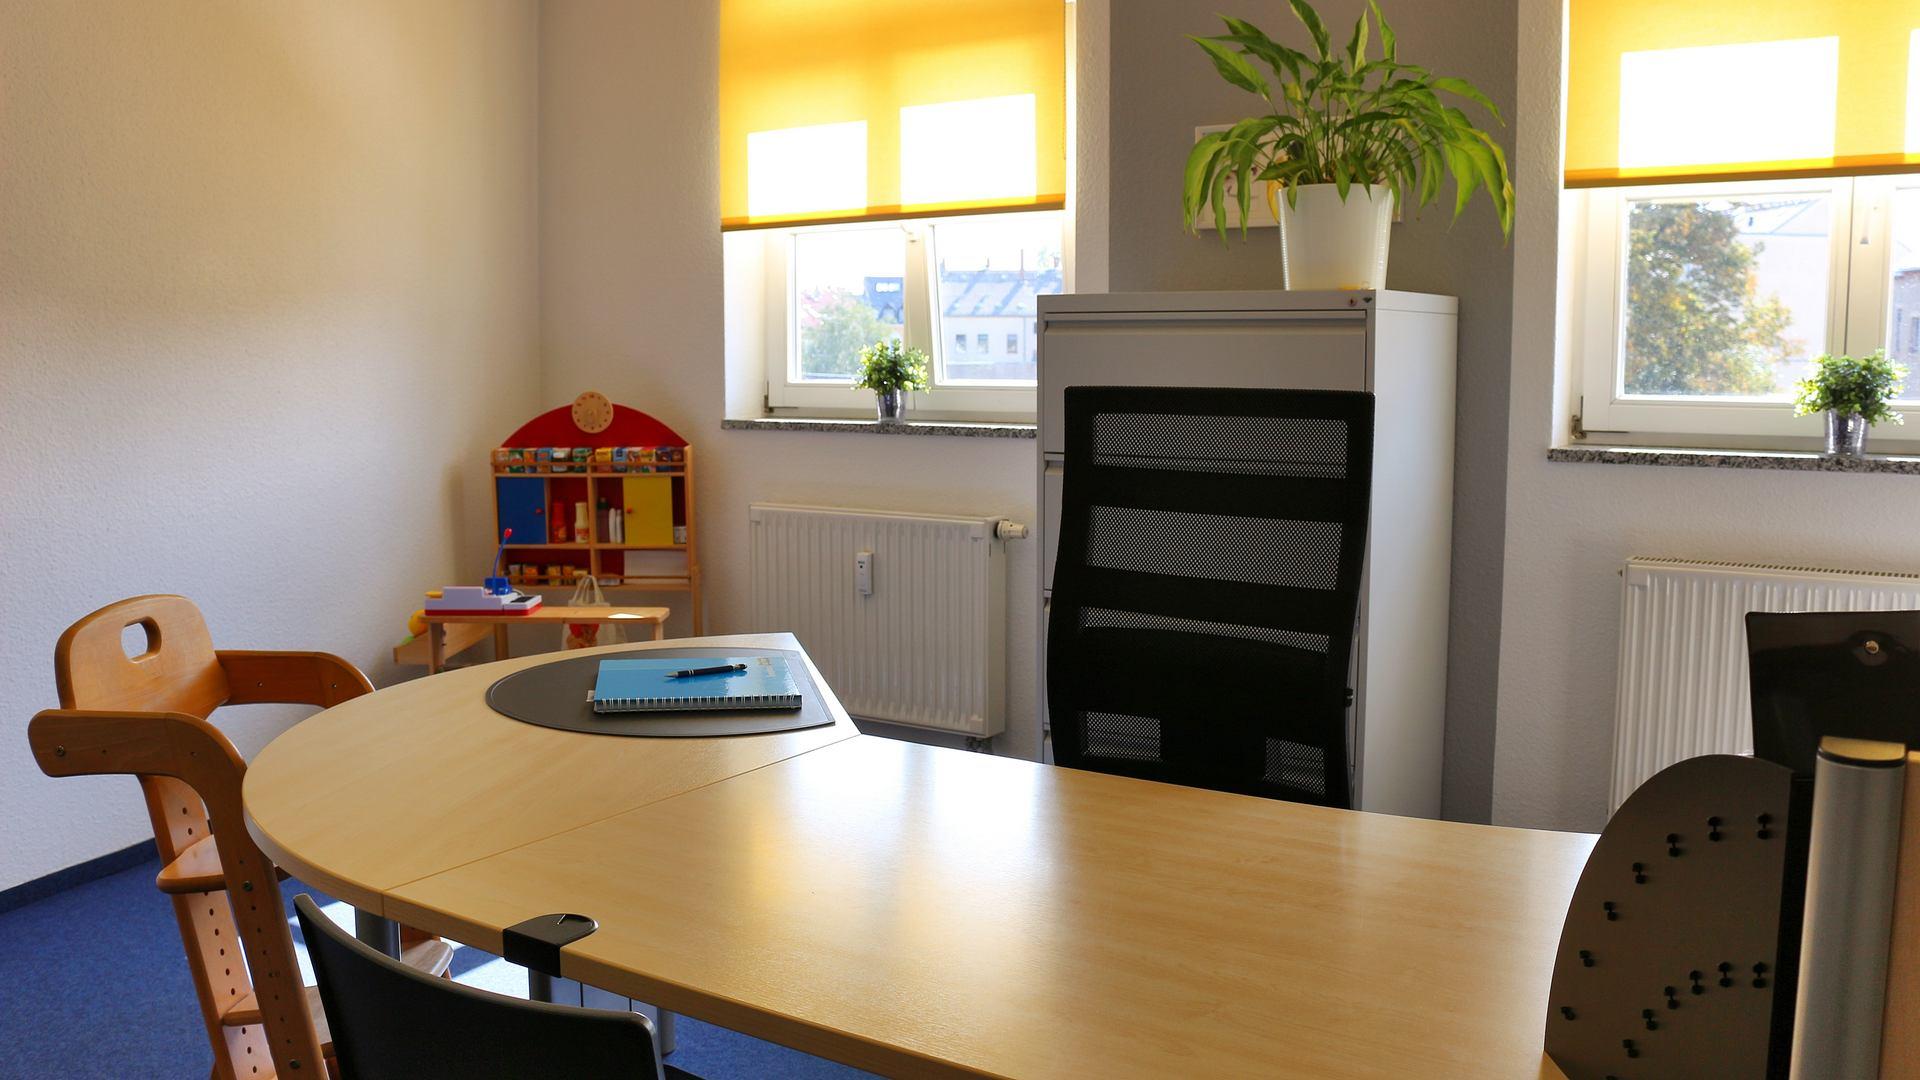 Praxis für Logopädie in Chemnitz Zimmer 3